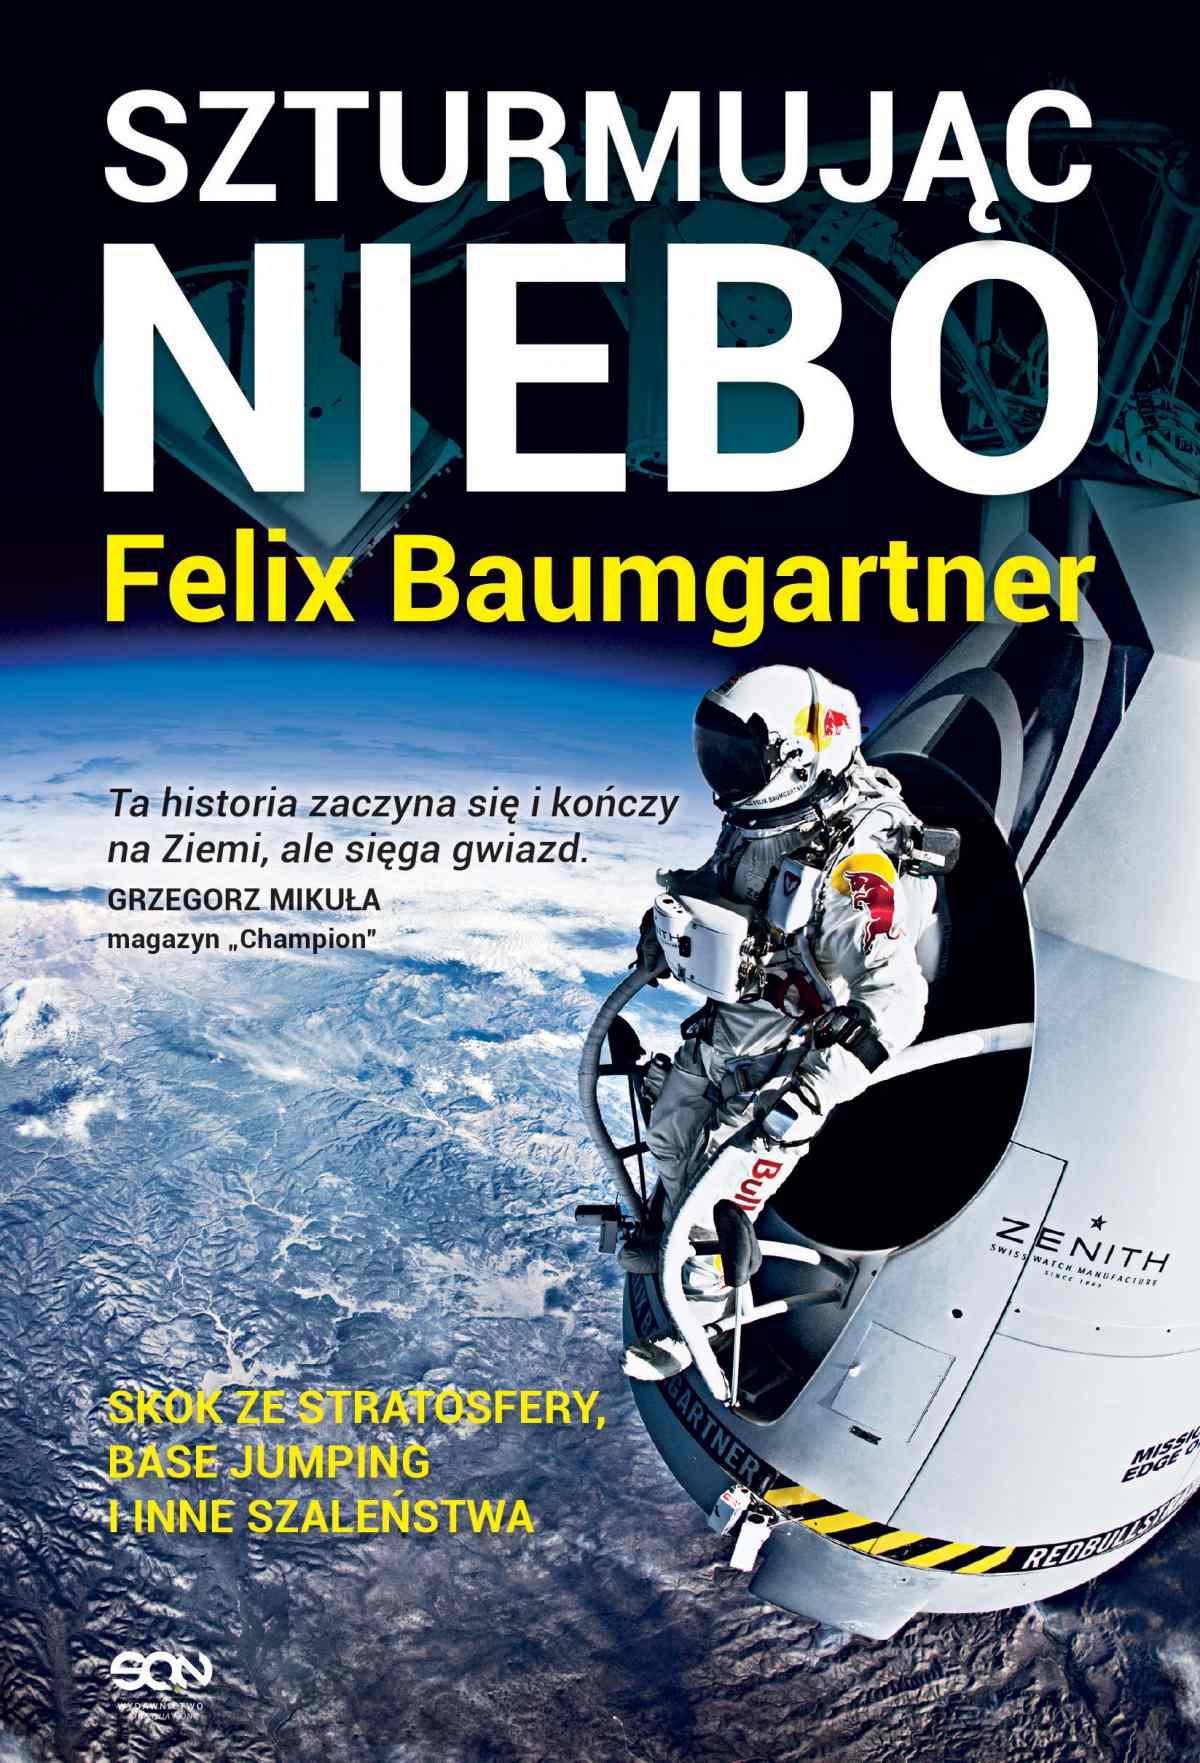 Felix Baumgartner. Szturmując niebo - Ebook (Książka EPUB) do pobrania w formacie EPUB